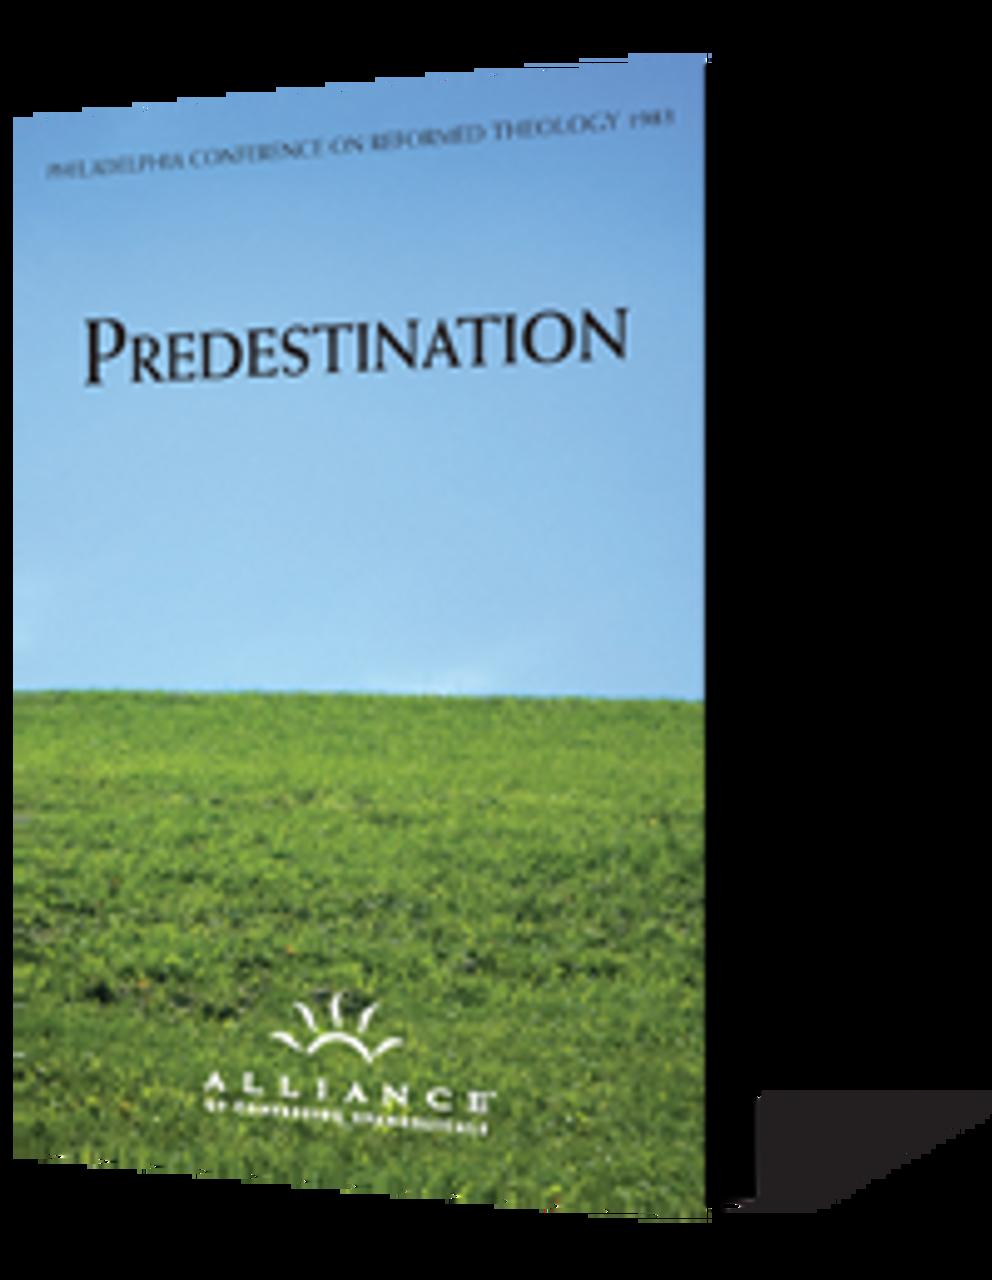 Predestination PCRT 1983 (CD Set)